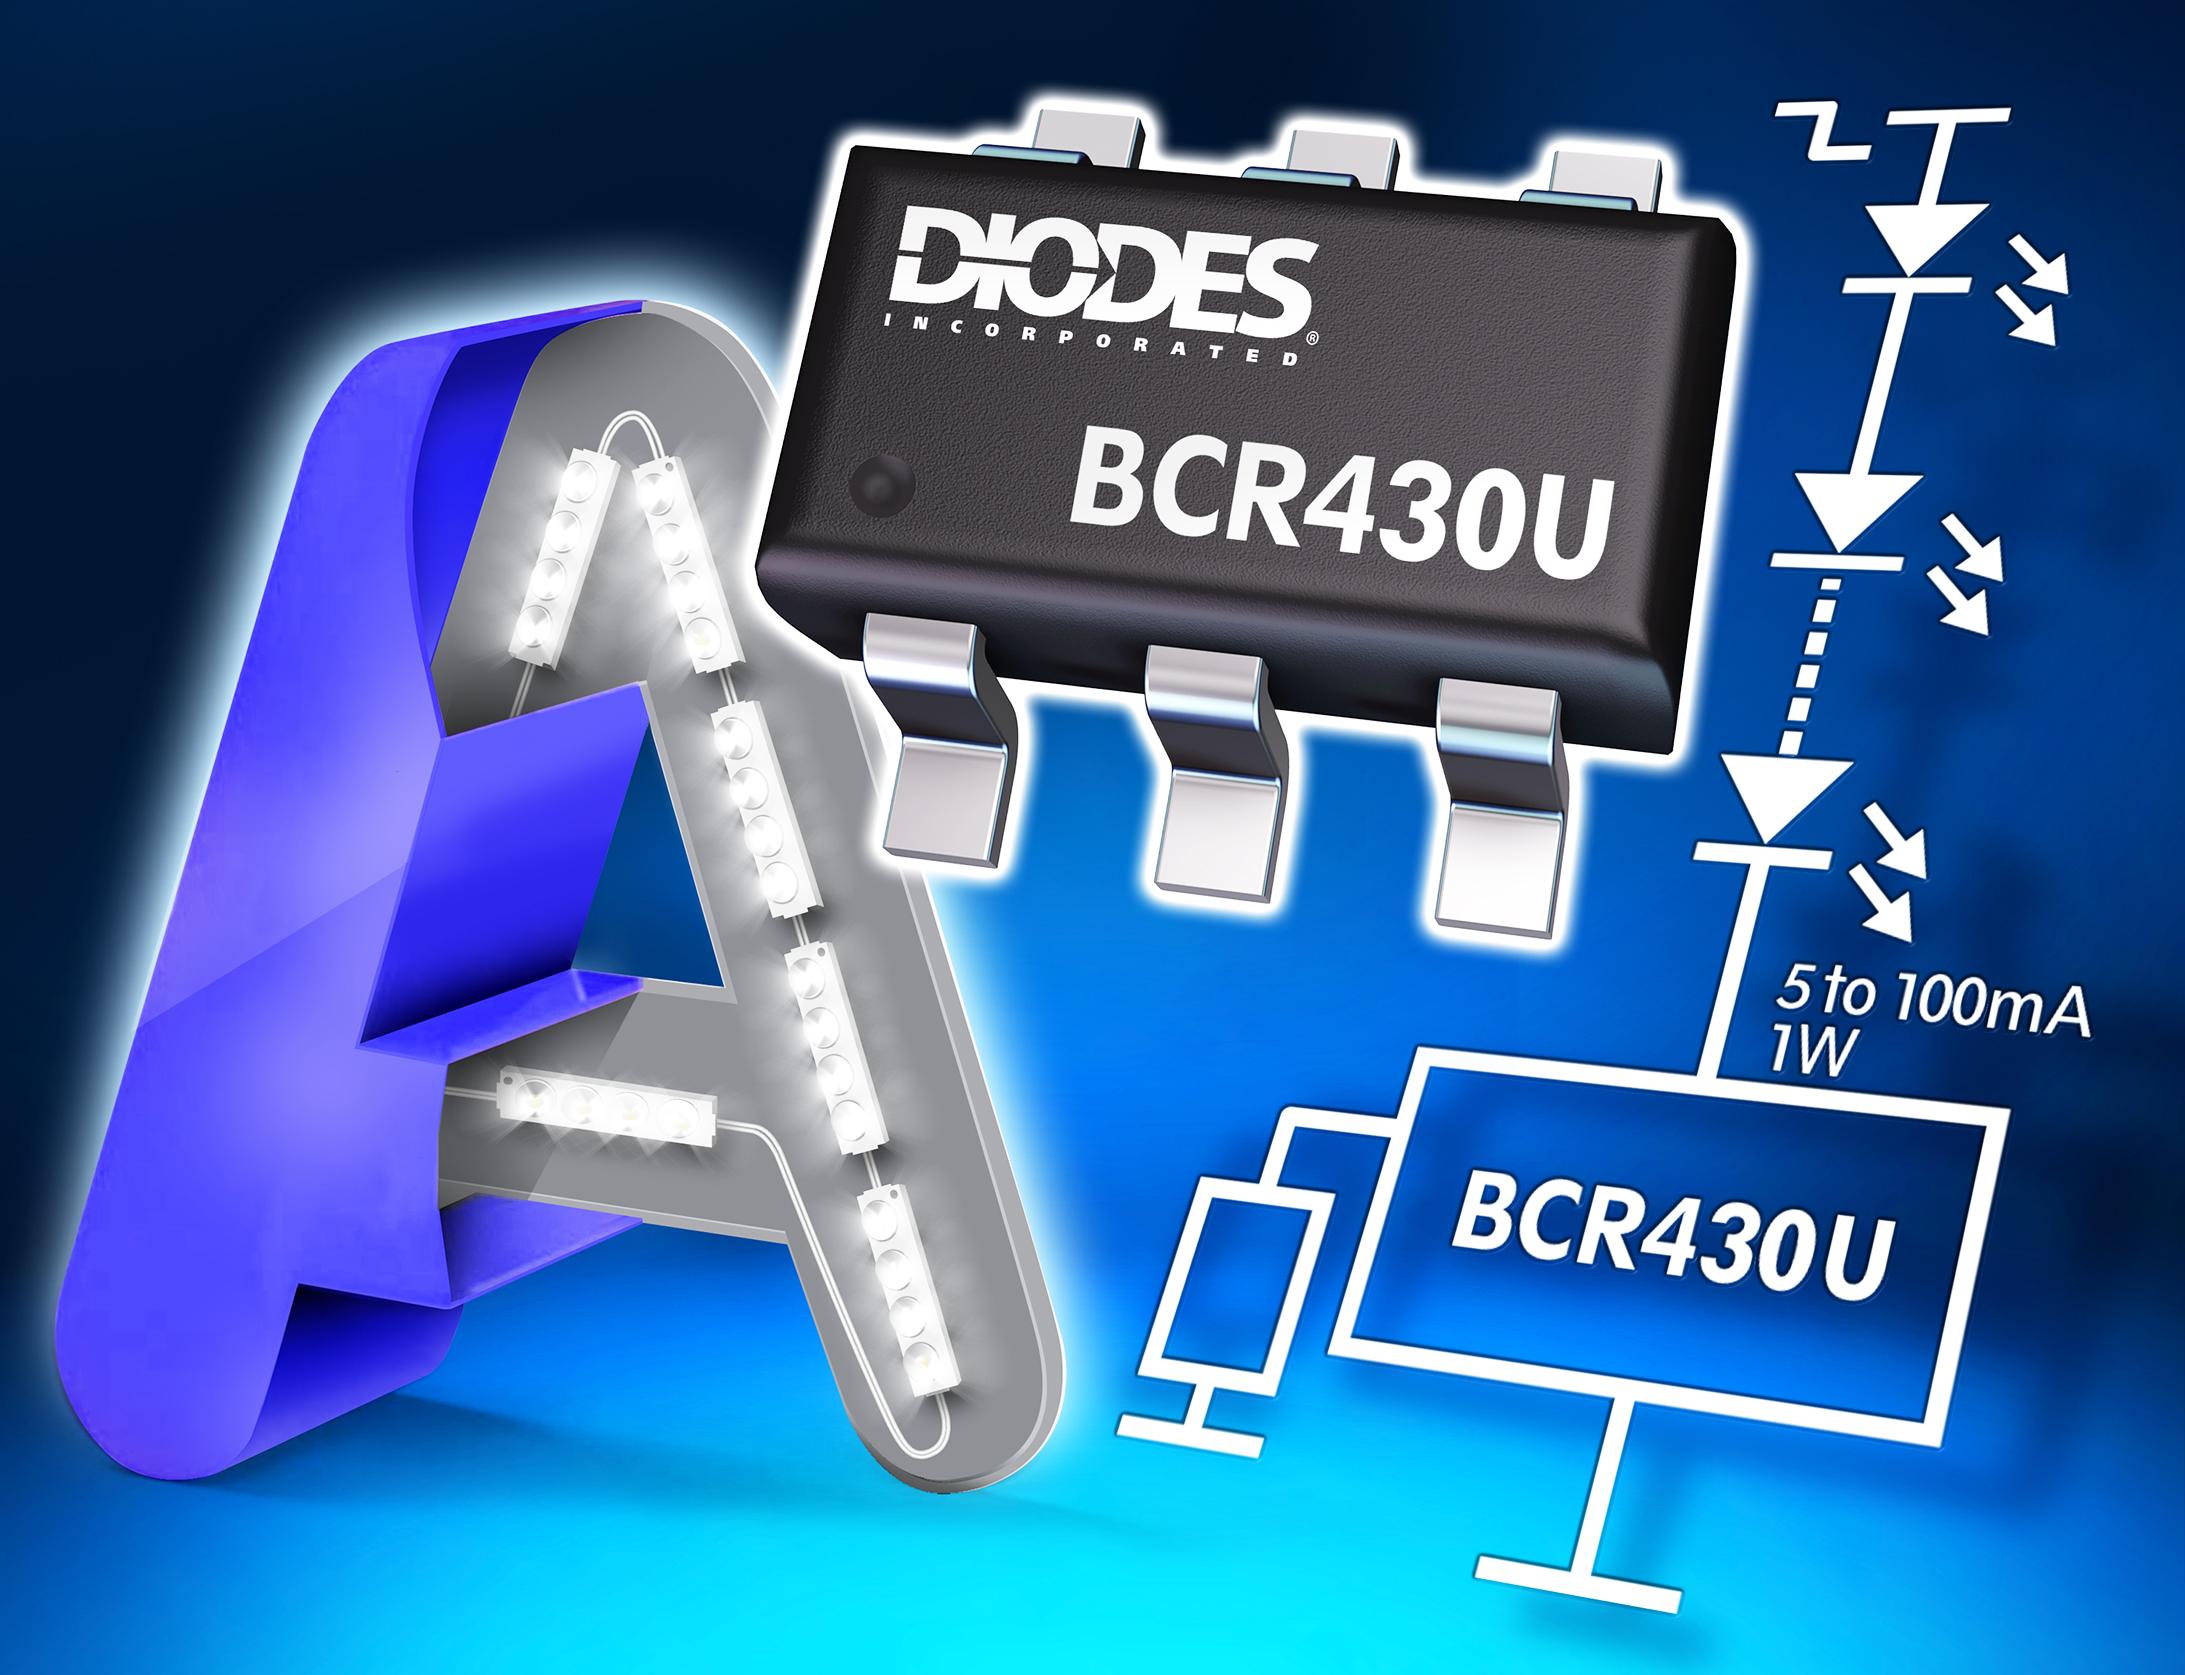 Diodes 超低压降线性 LED 驱动器可提供卓越的系统效率和显示